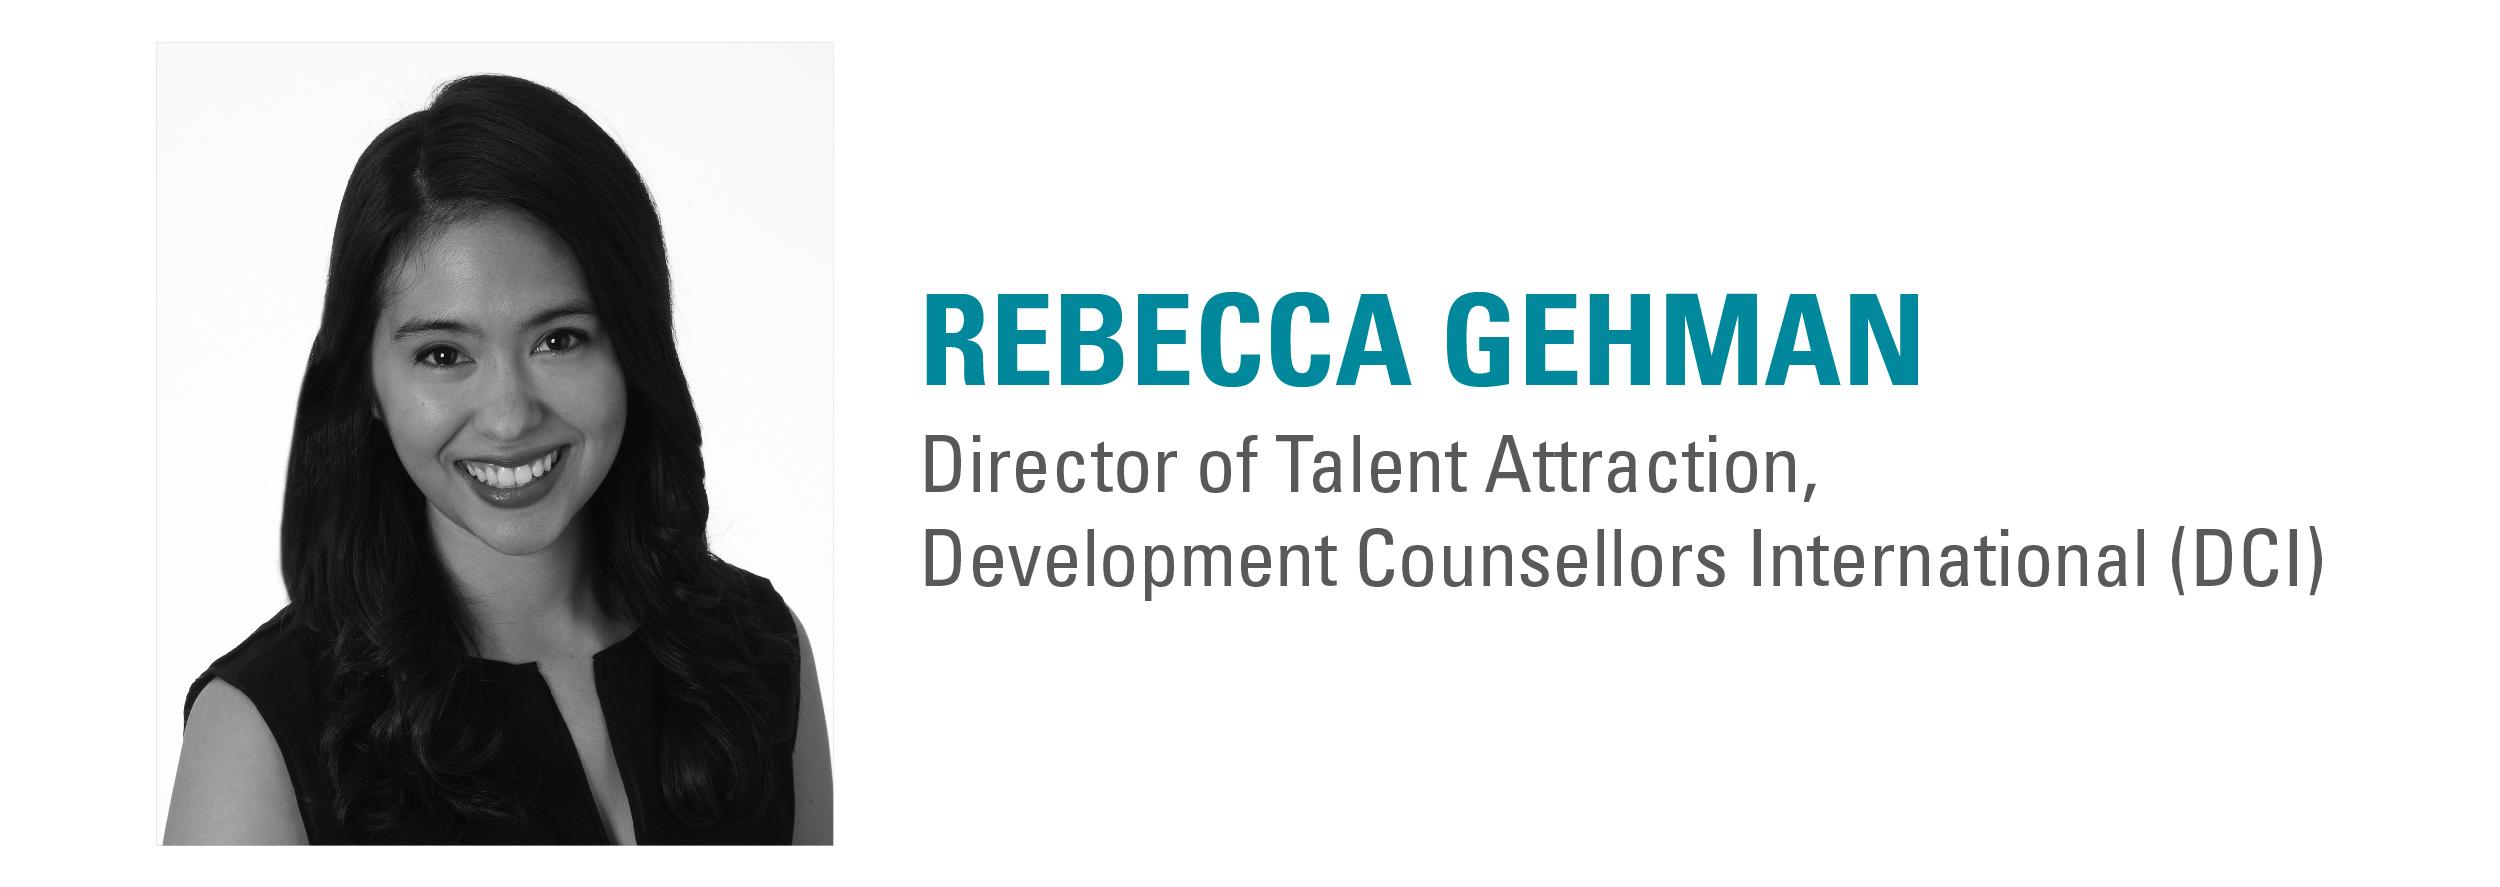 Rebecca Gehman DCI